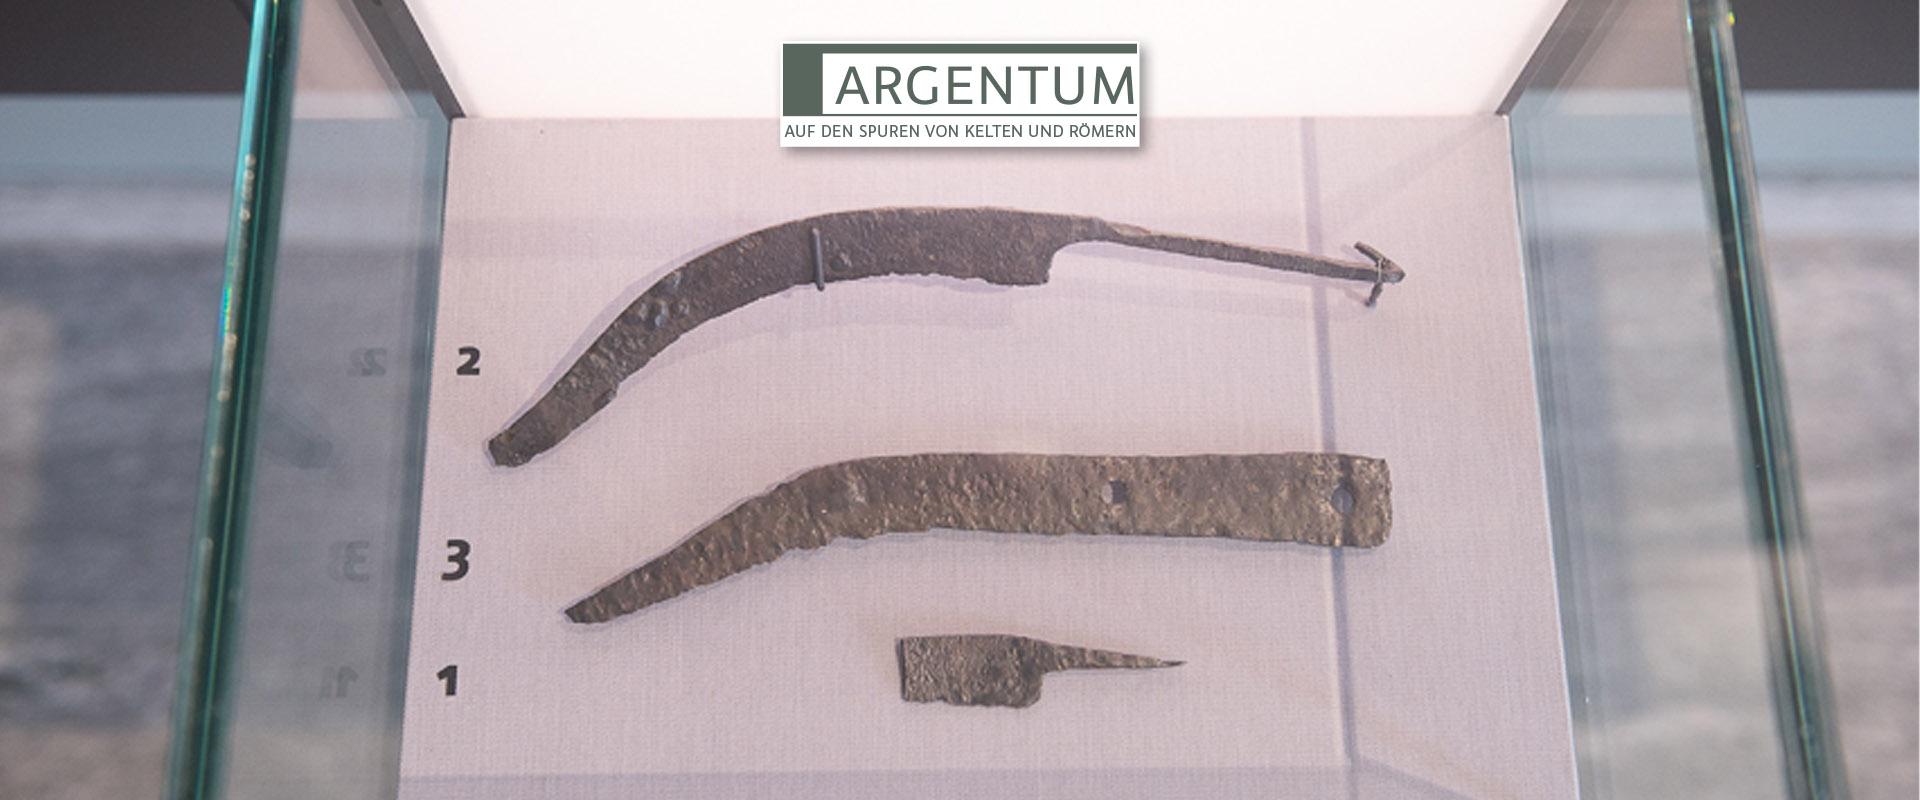 Vitrine mit keltisch-römischen Messern